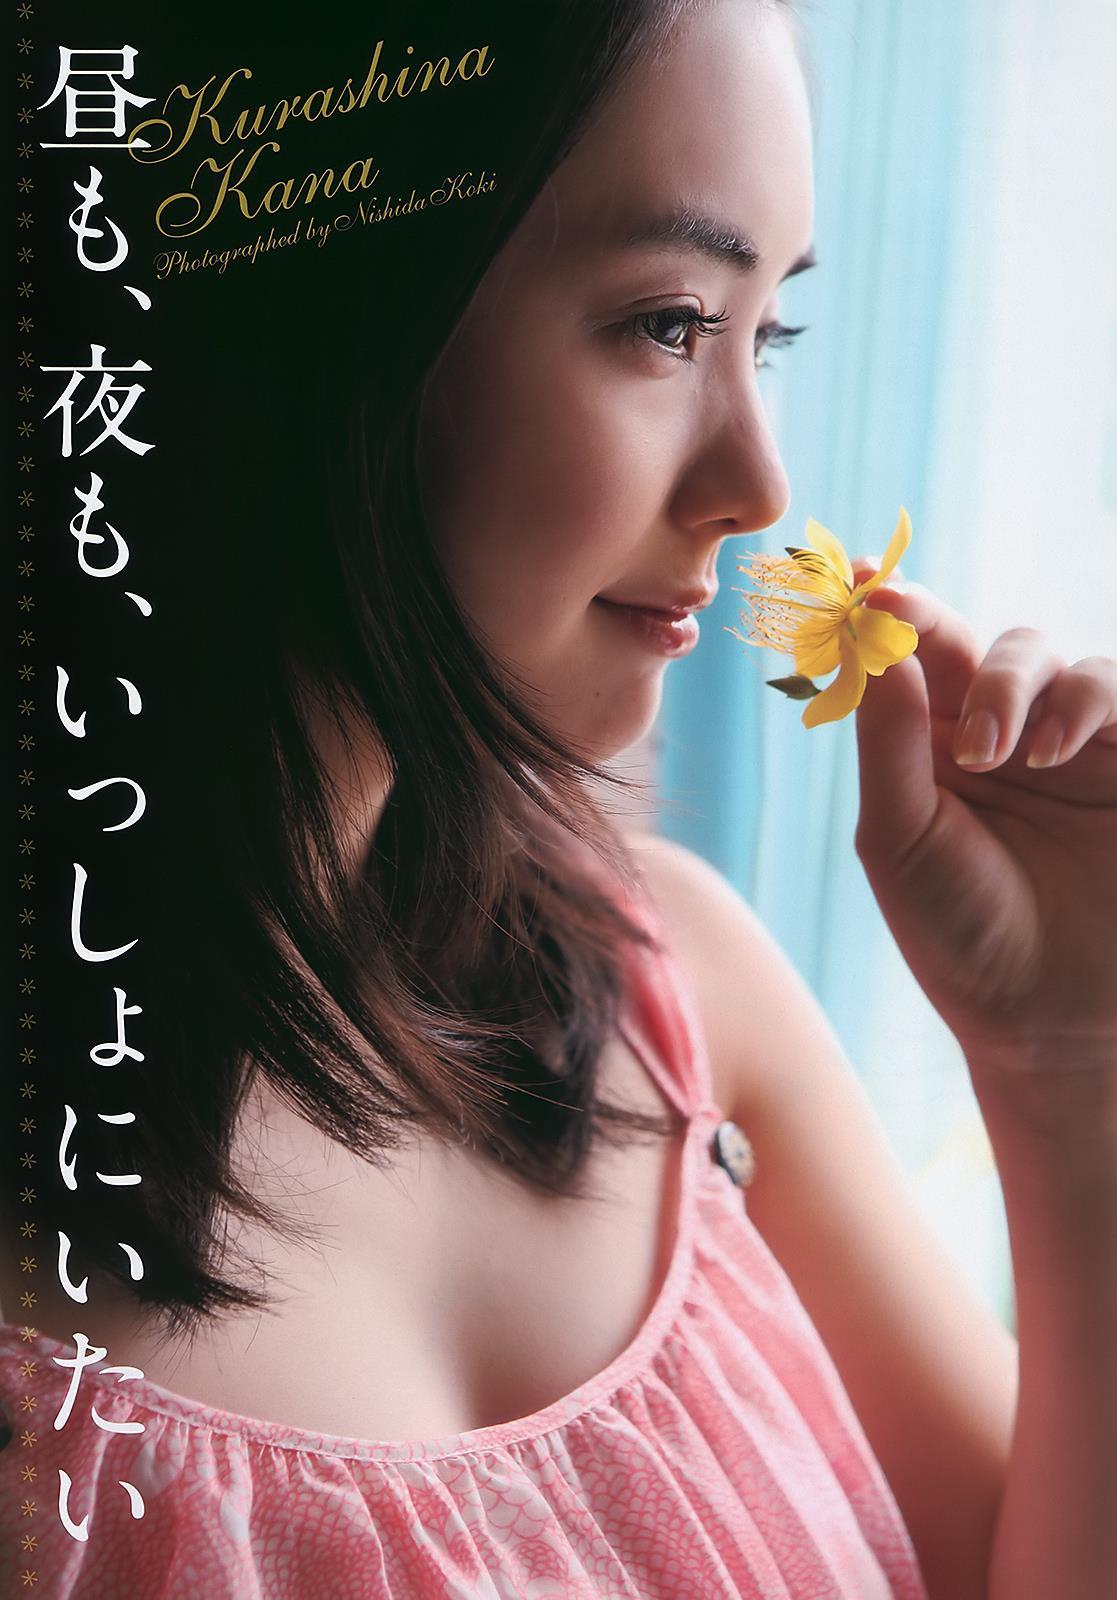 倉科カナ 画像 129